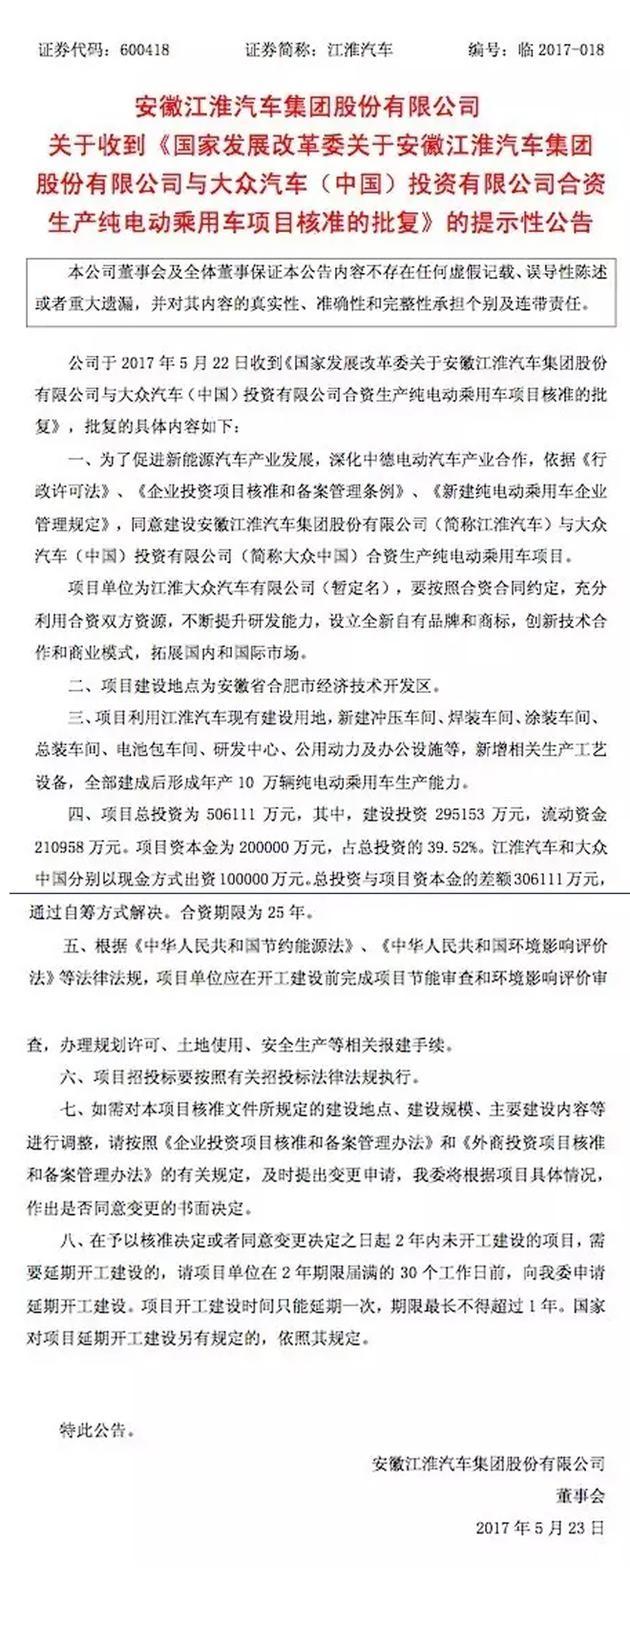 江淮大众正式成立:全新品牌